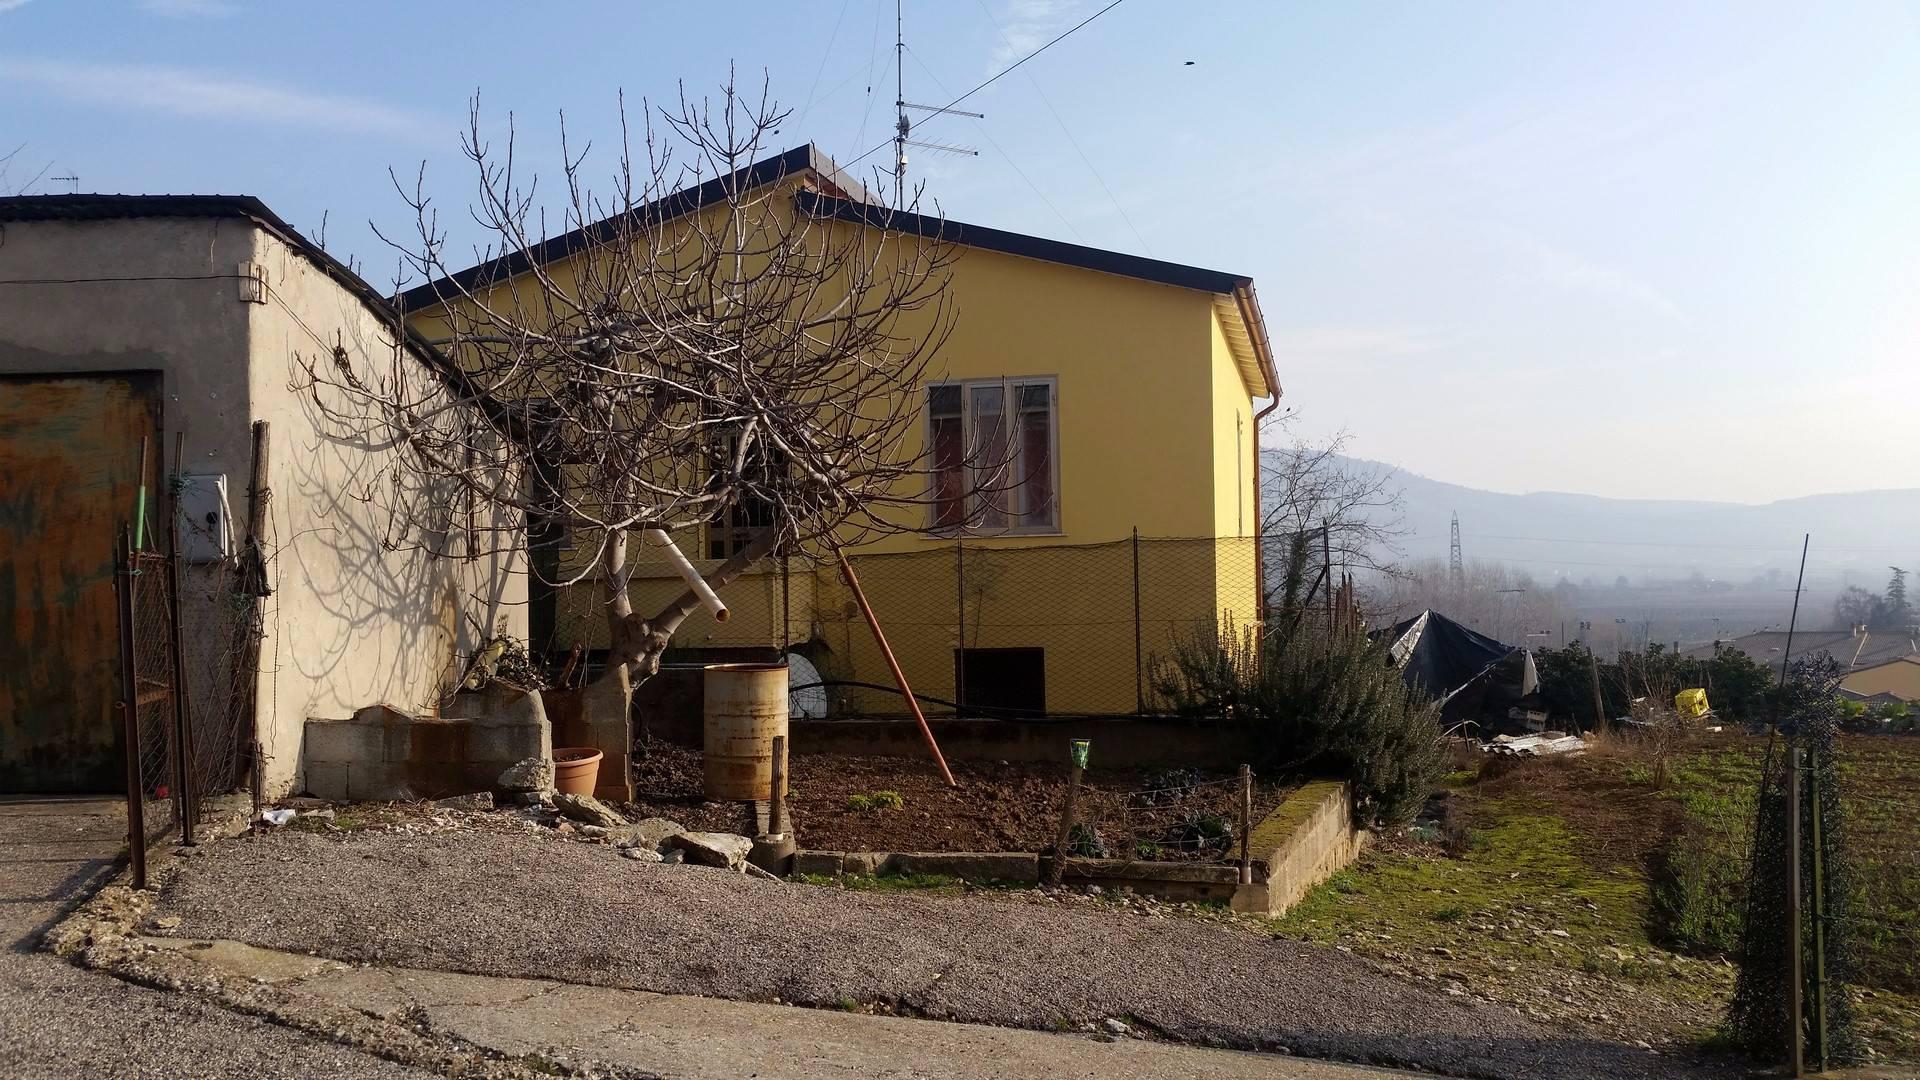 Villa in affitto a Colognola ai Colli, 4 locali, zona Località: SanVittore, prezzo € 400 | Cambio Casa.it